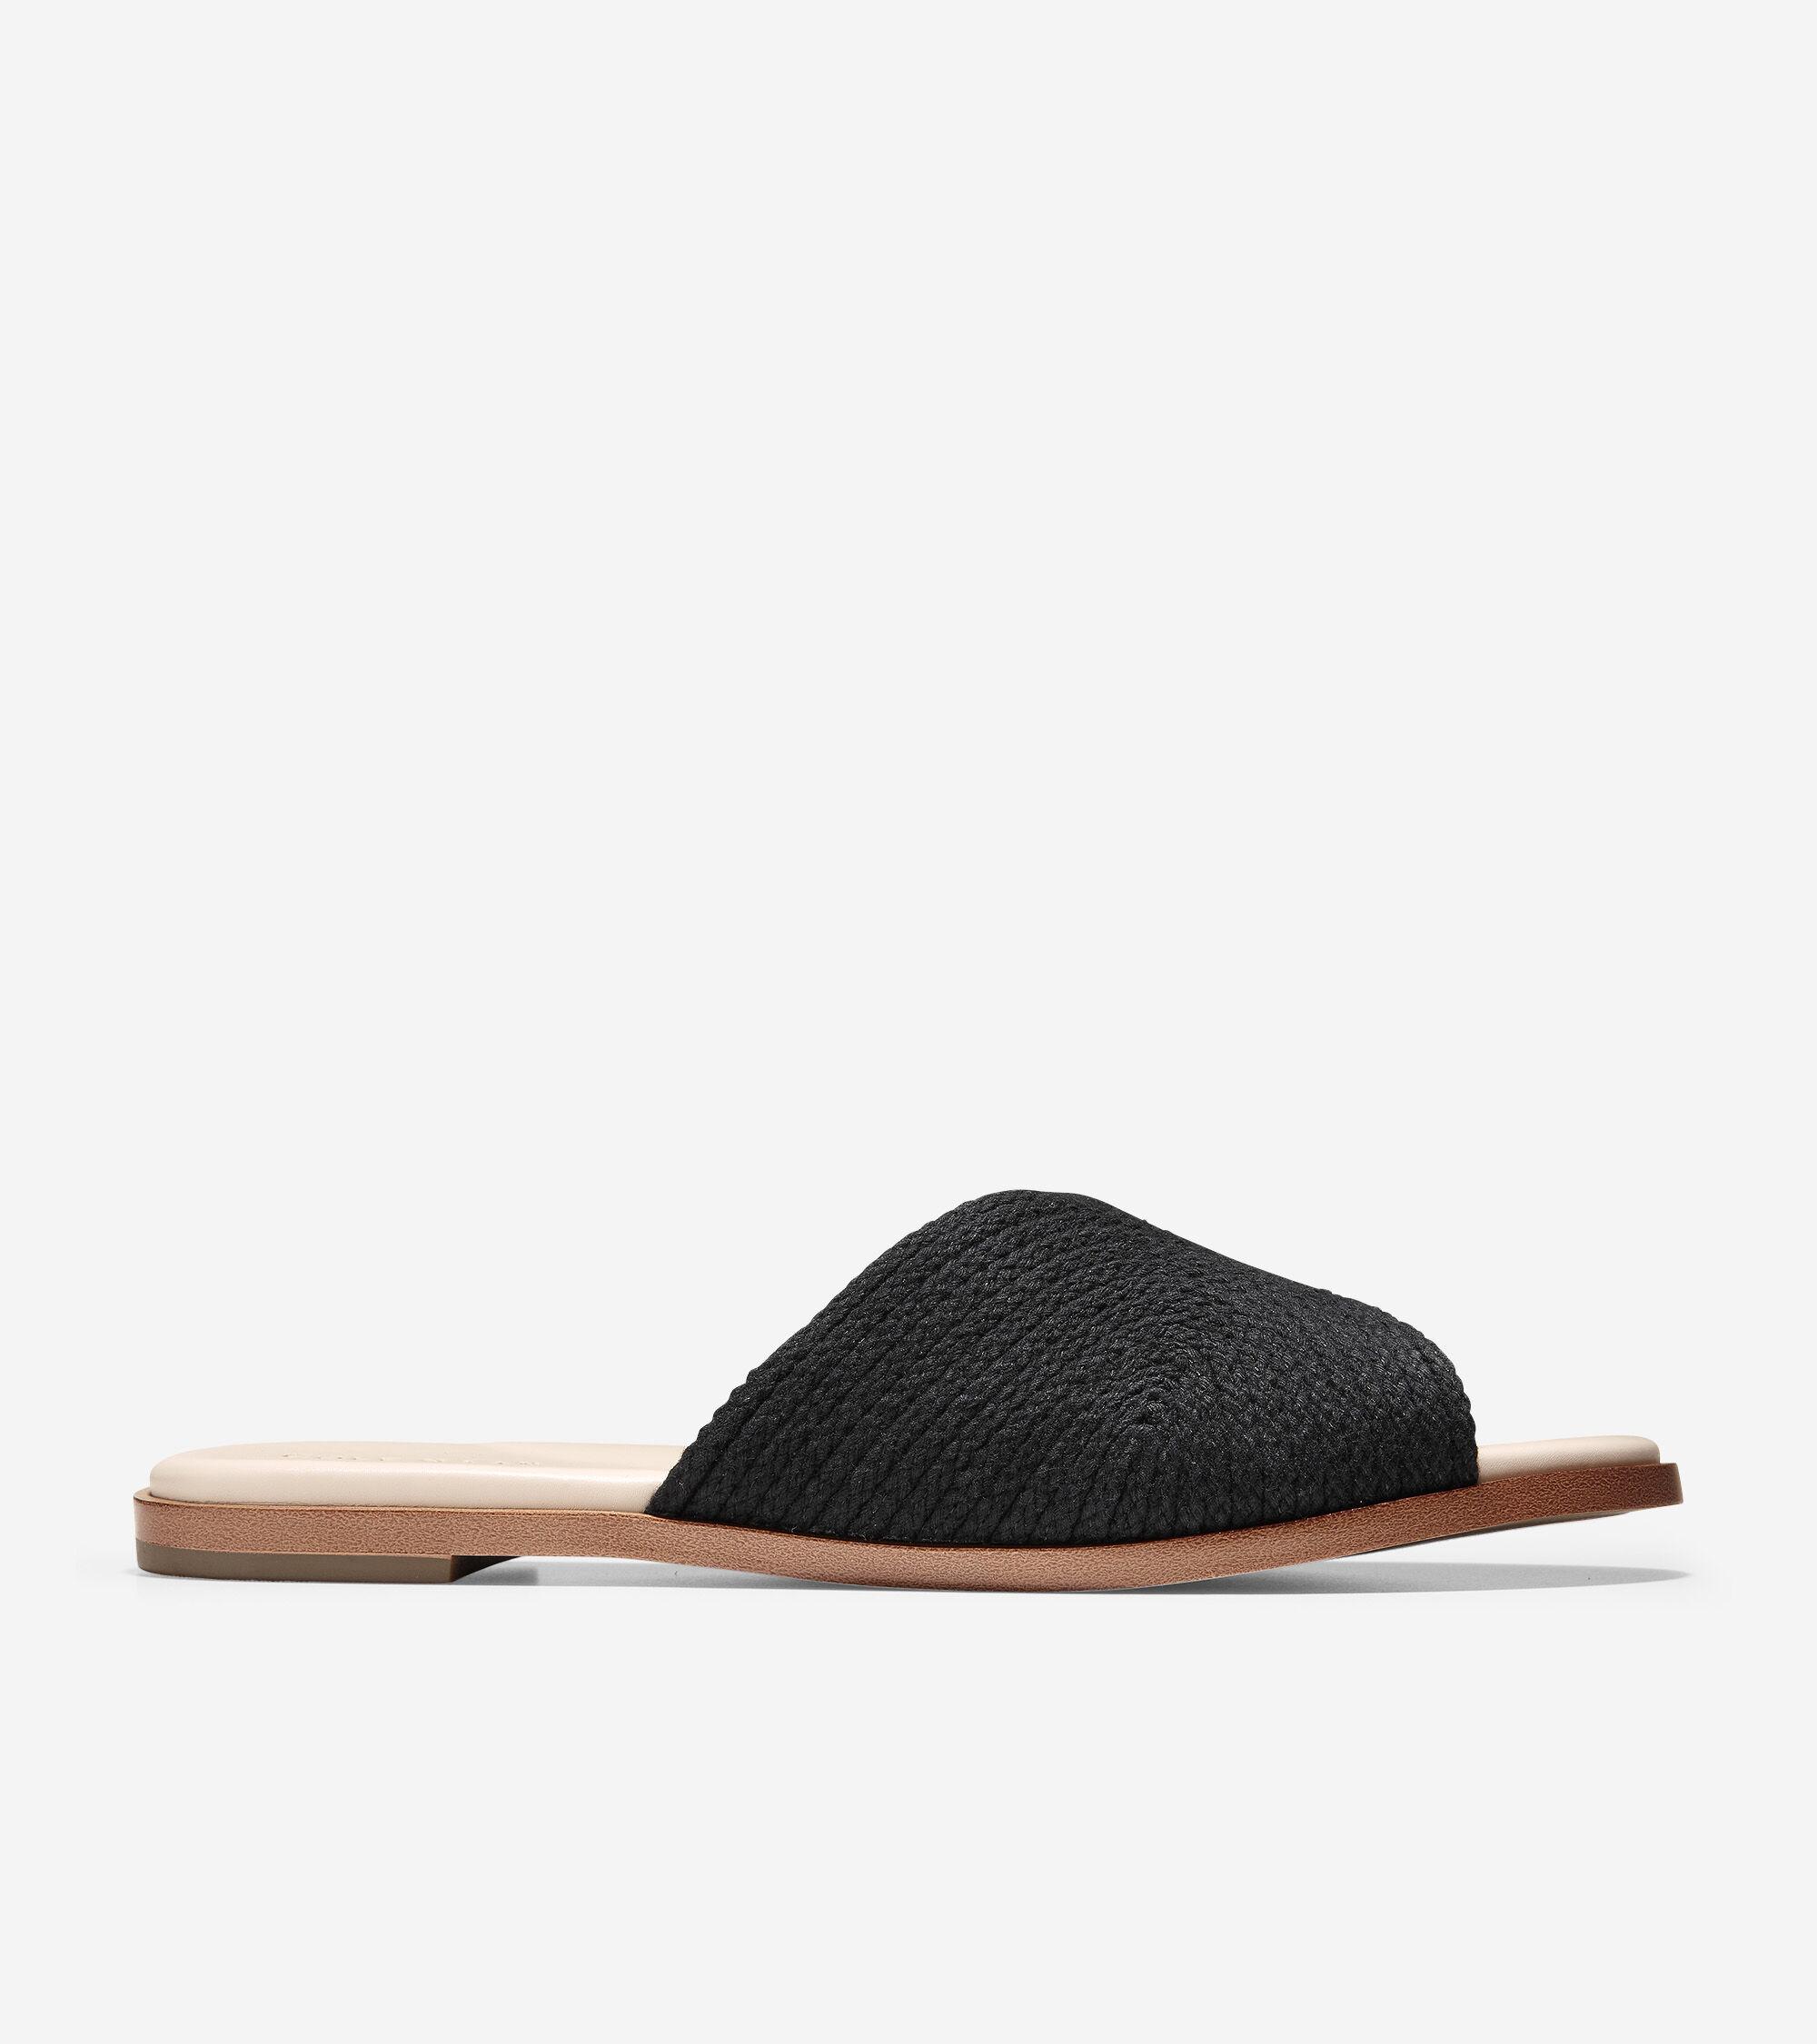 Ansley Slide Sandal in Black Jute